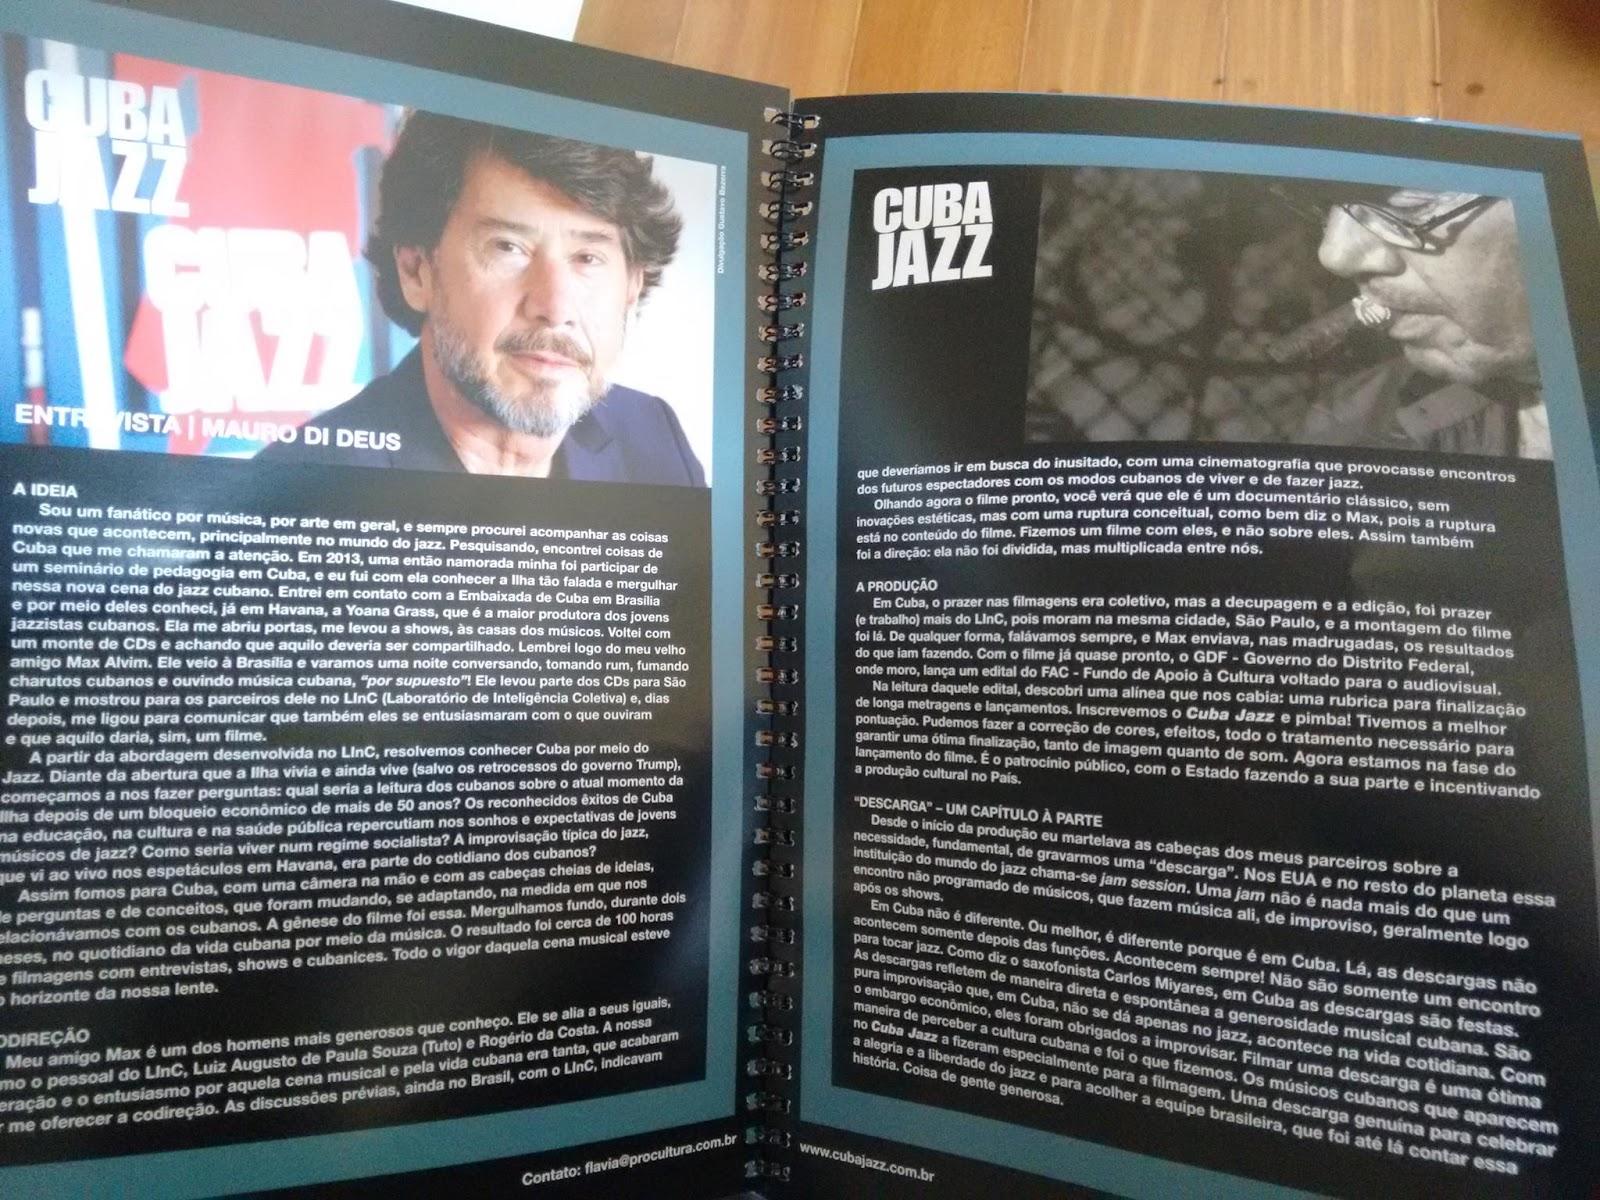 Filmes Sobre Musicos for cuba jazz [documentário] - o que tem na nossa estante